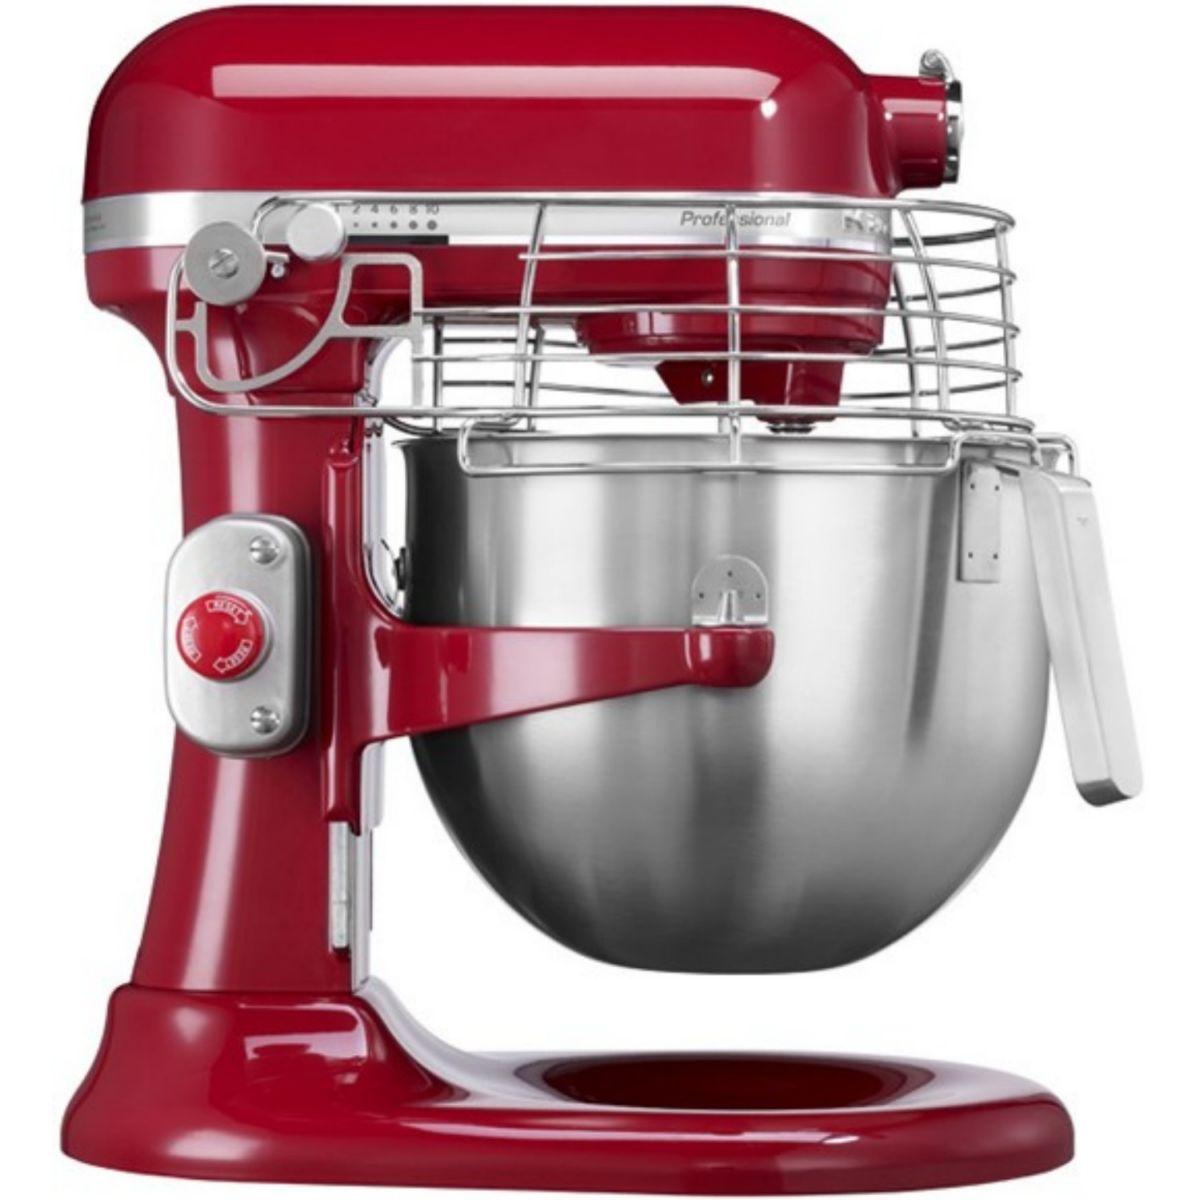 Kuchyňský robot Professional královská červená